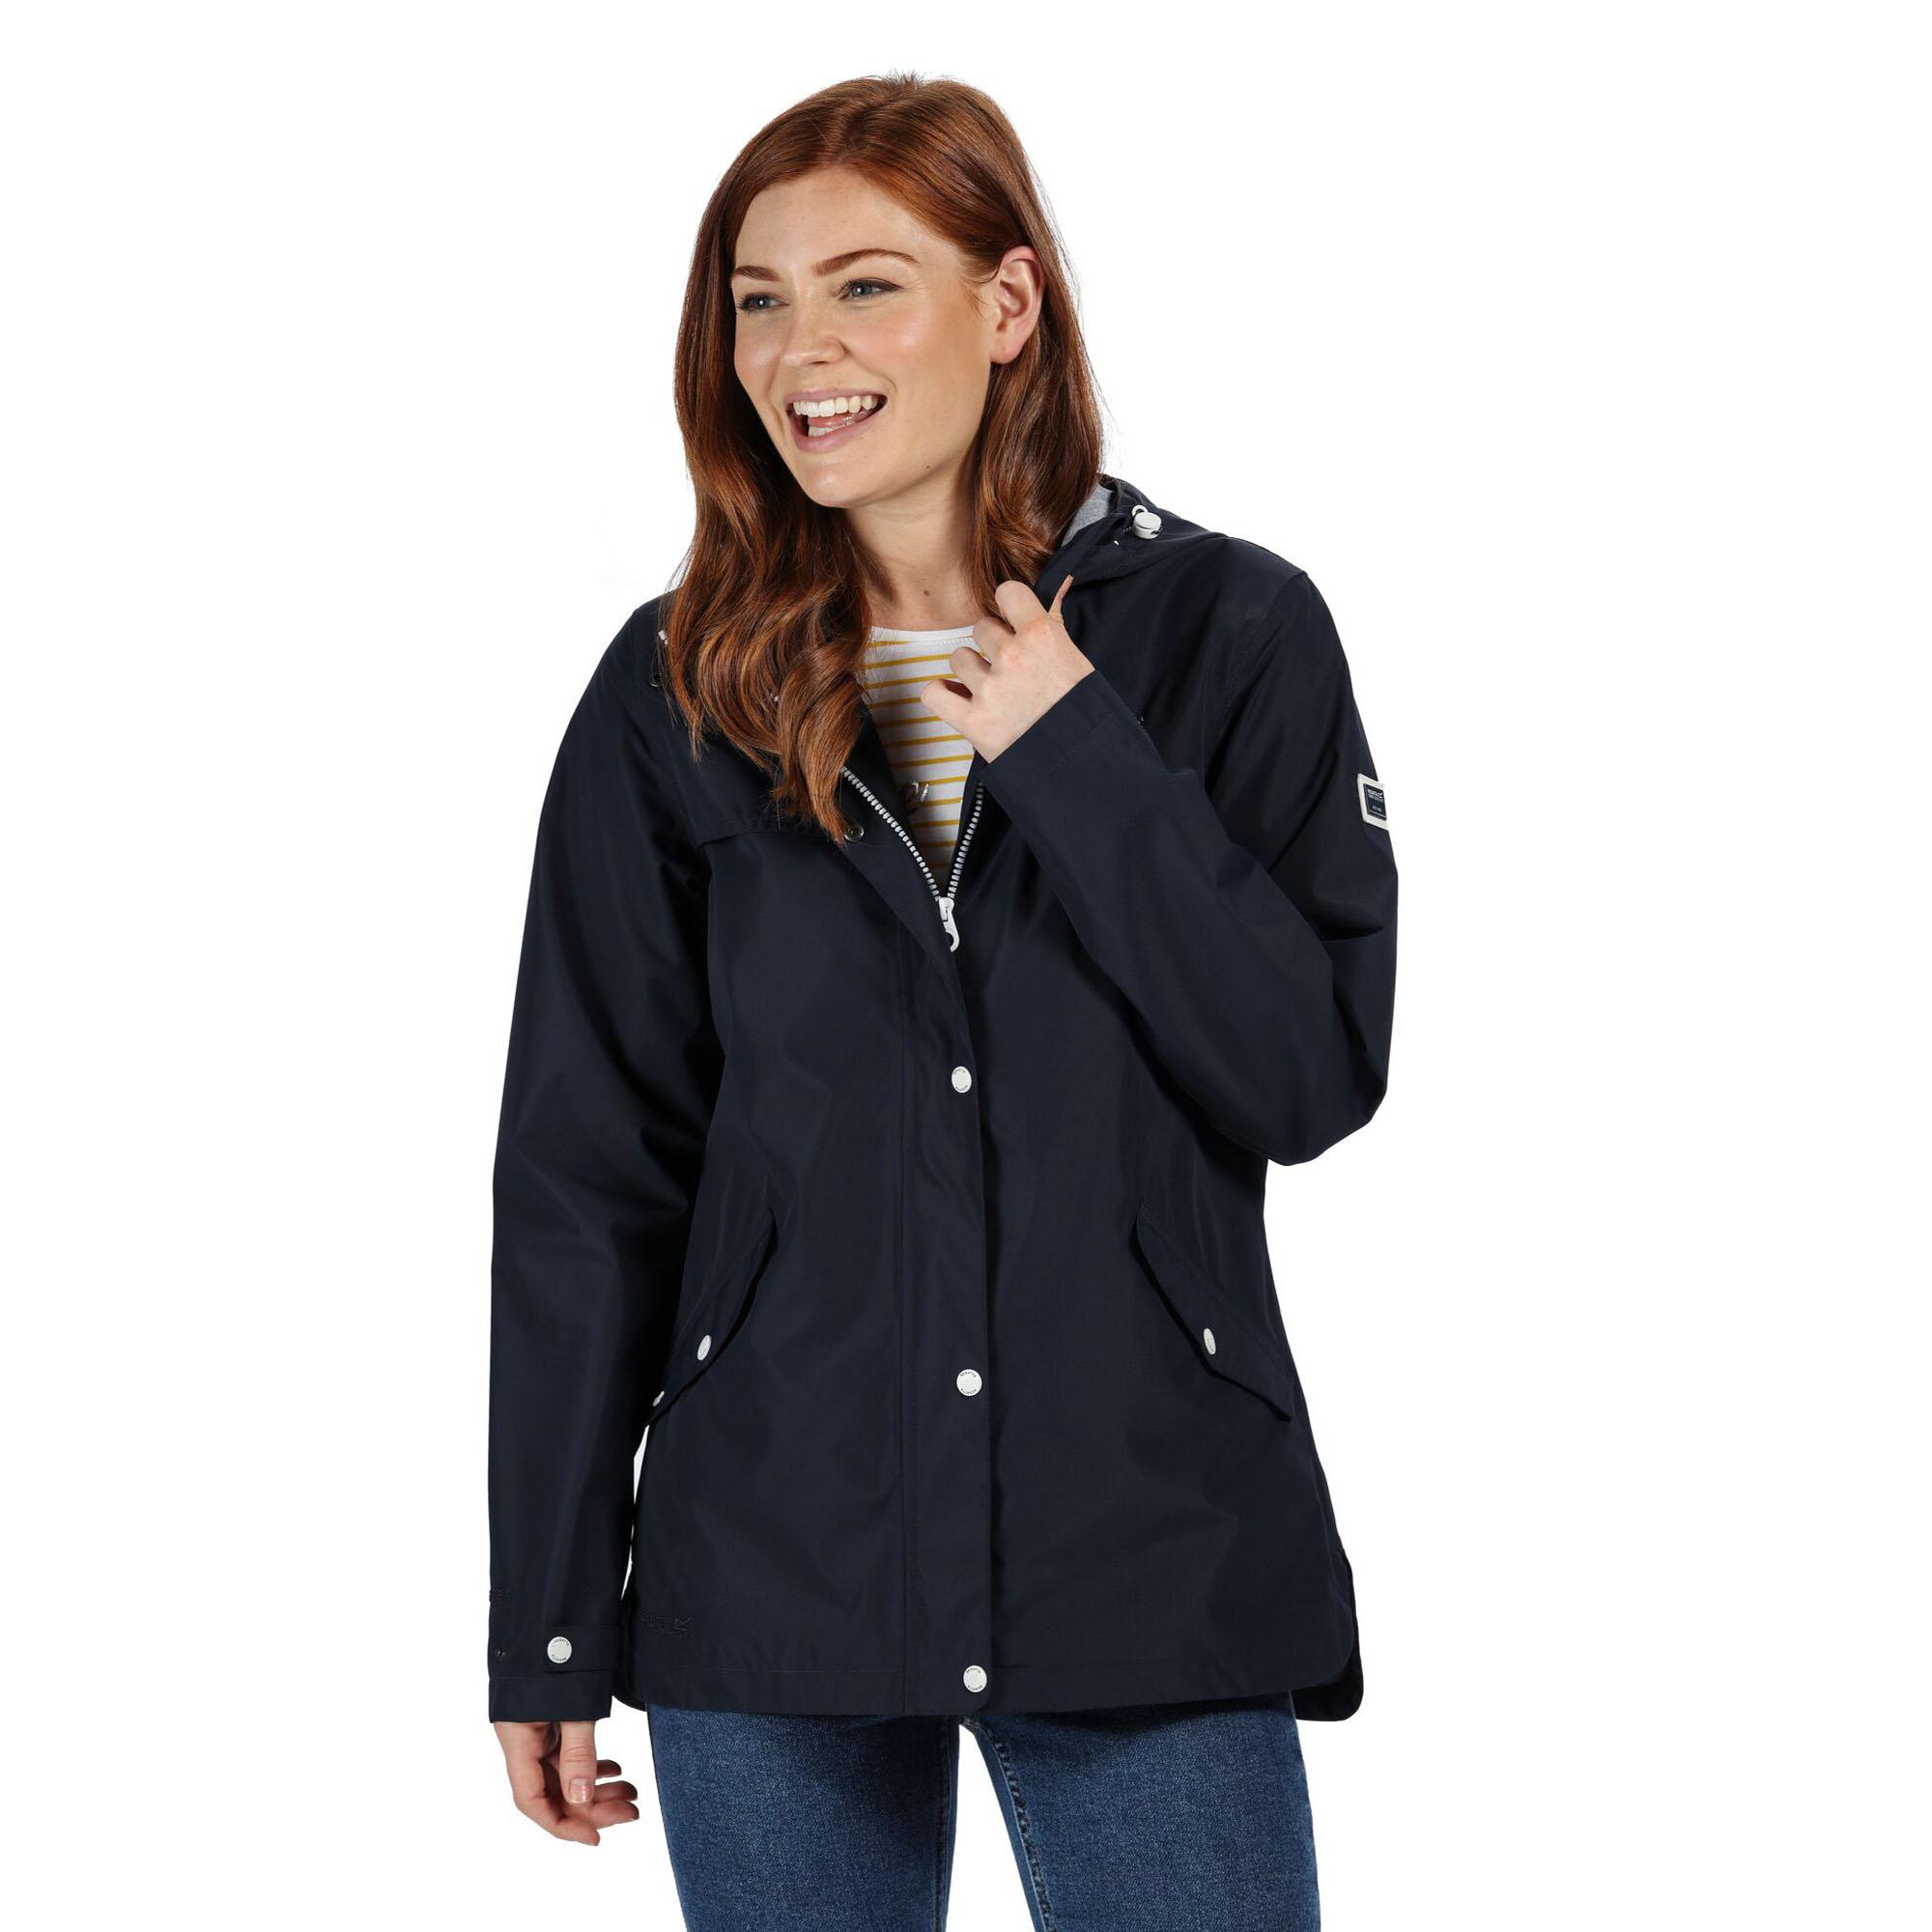 Woman wearing a navy waterproof jacket.